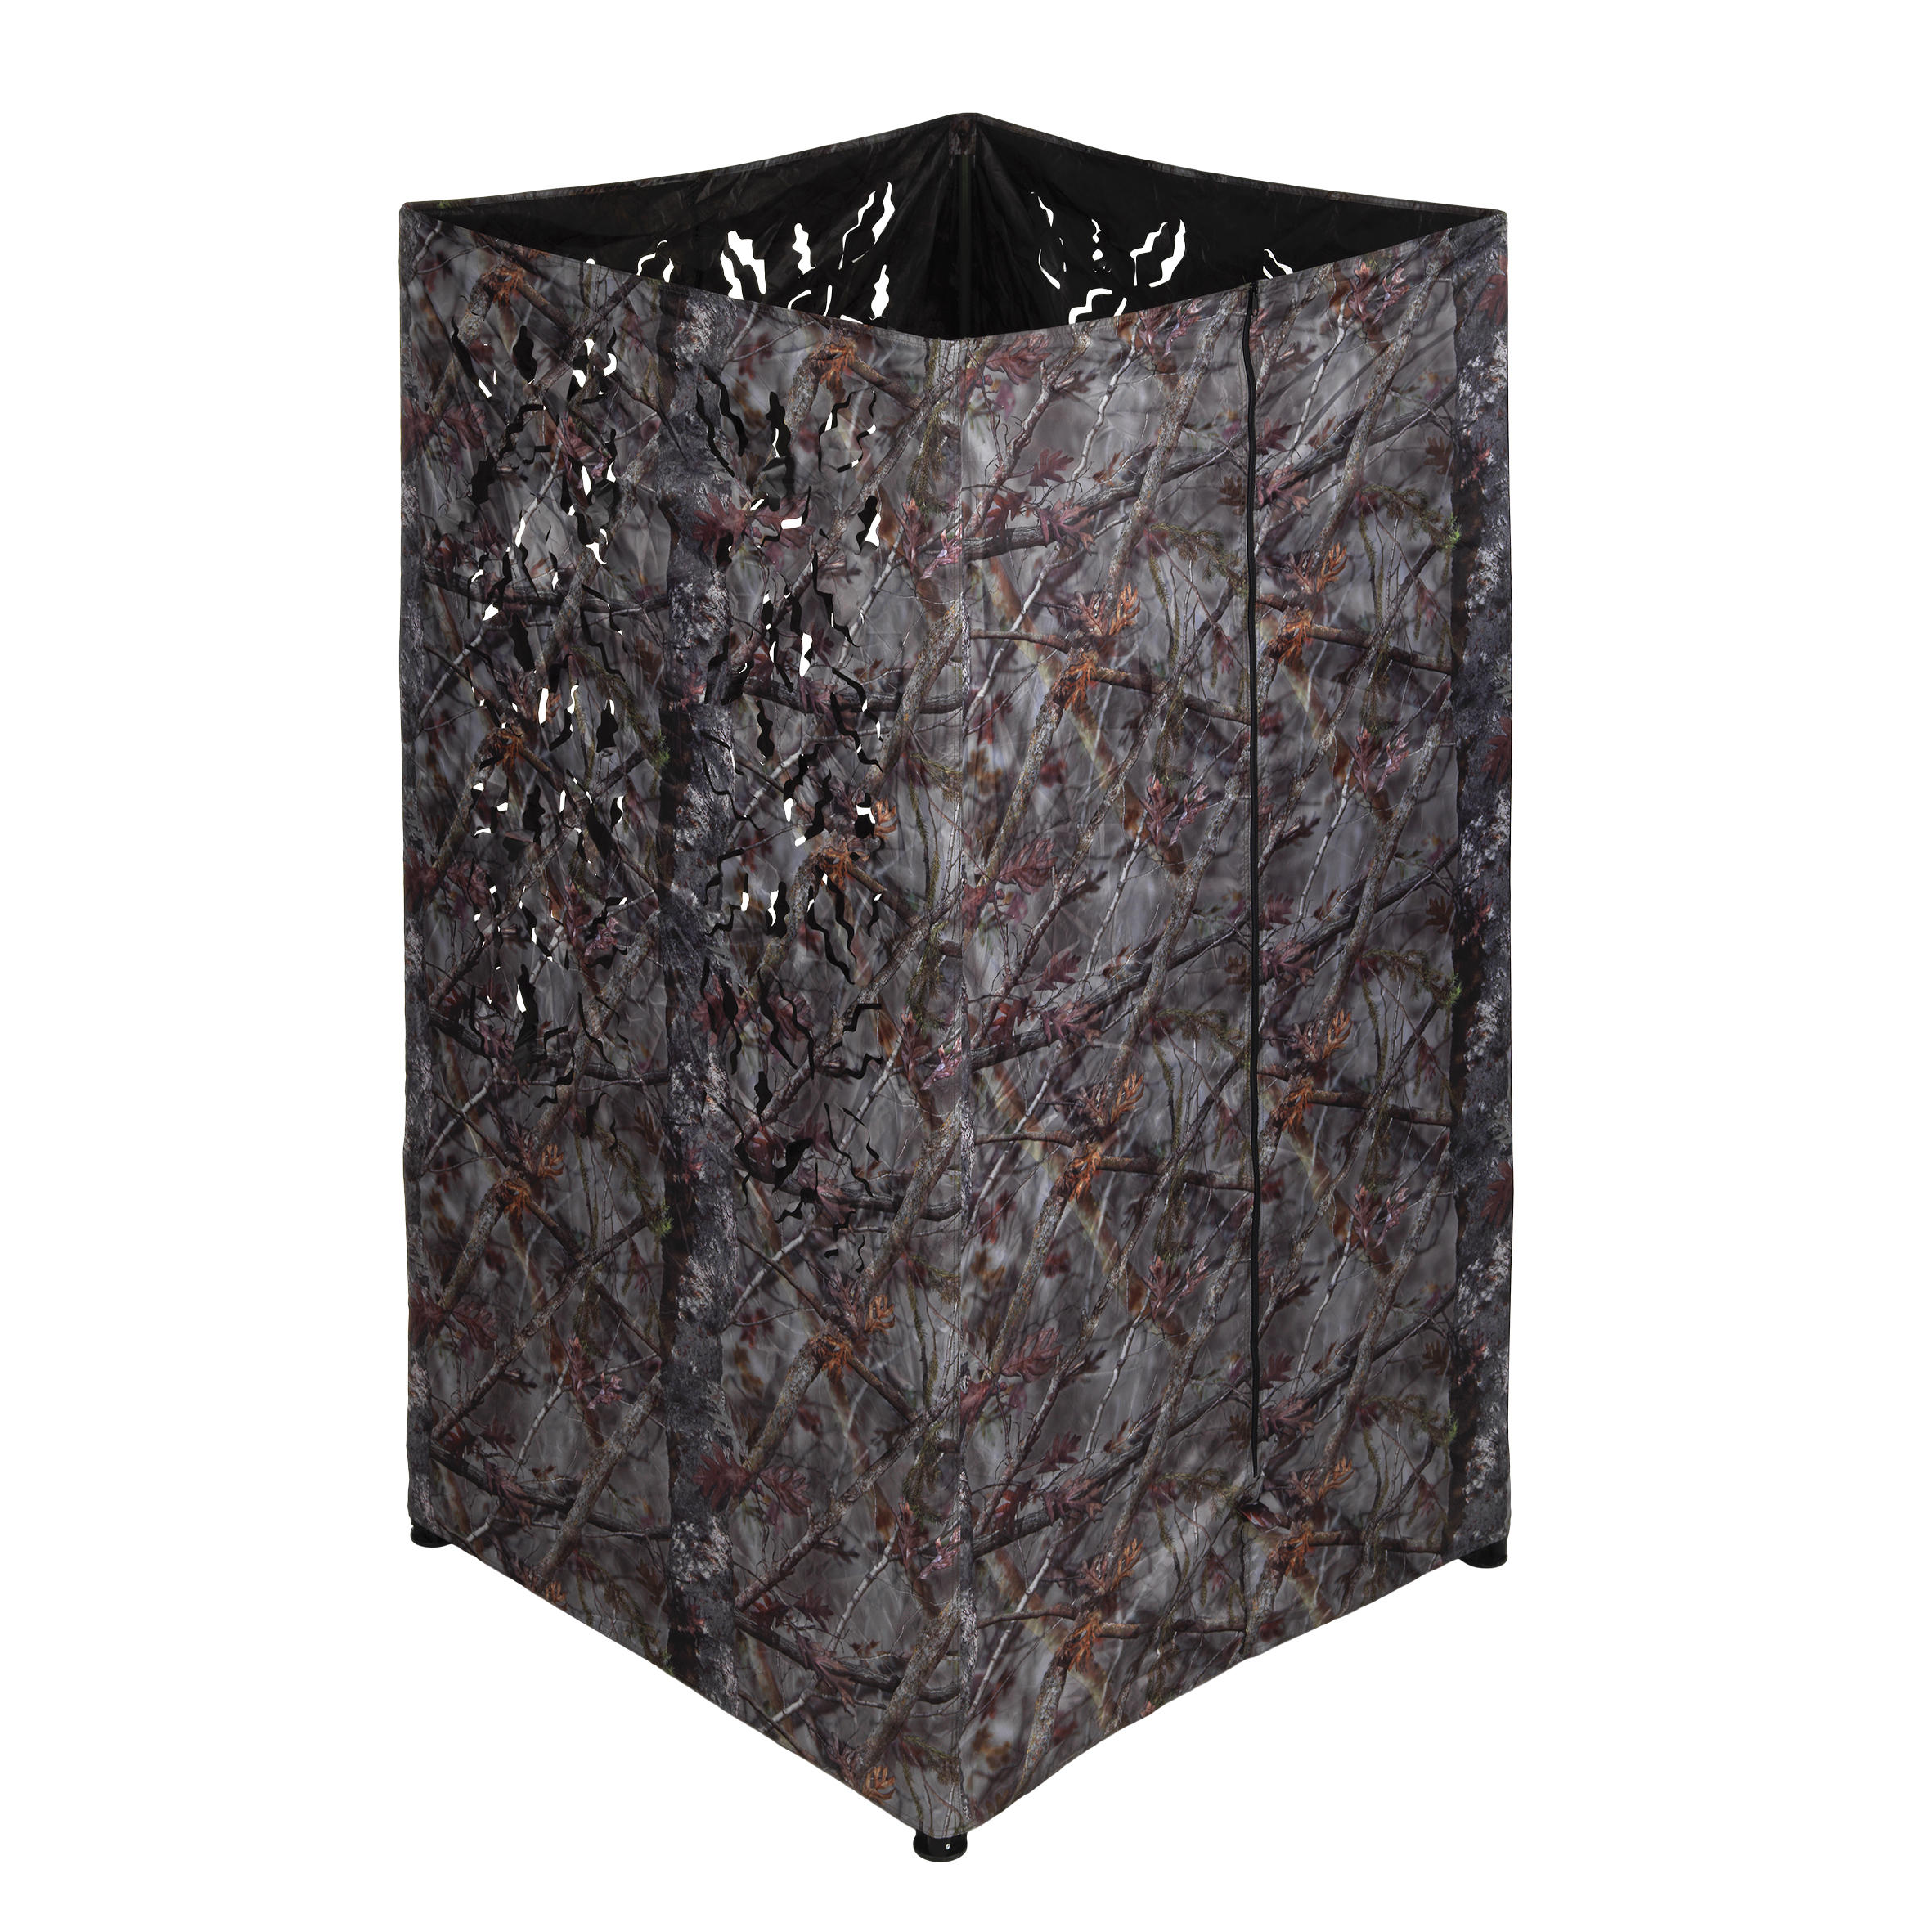 Solognac Vierkante loertent voor de jacht camouflage bruin